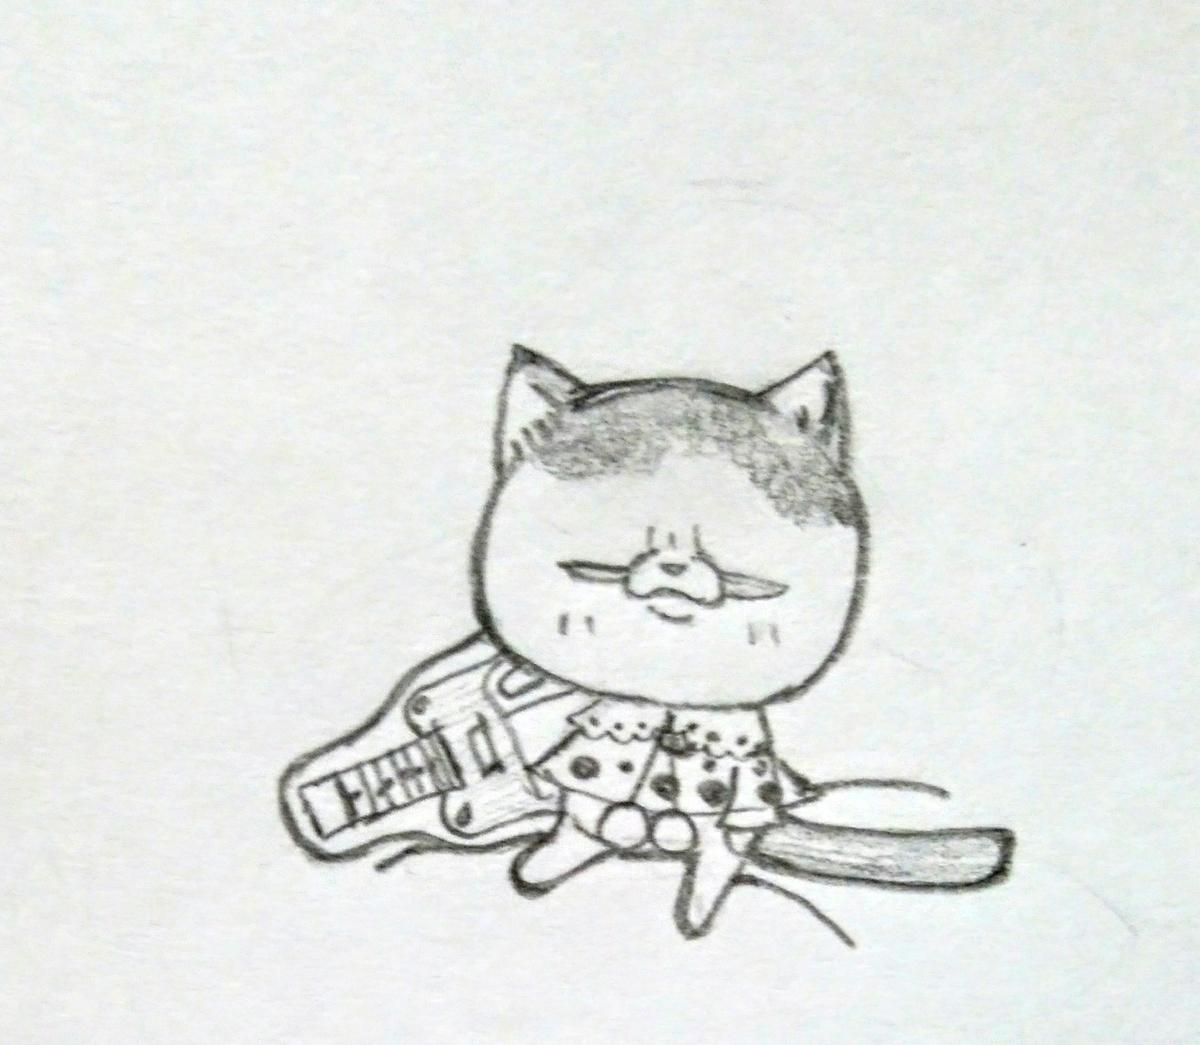 f:id:maricats:20200816123701j:plain